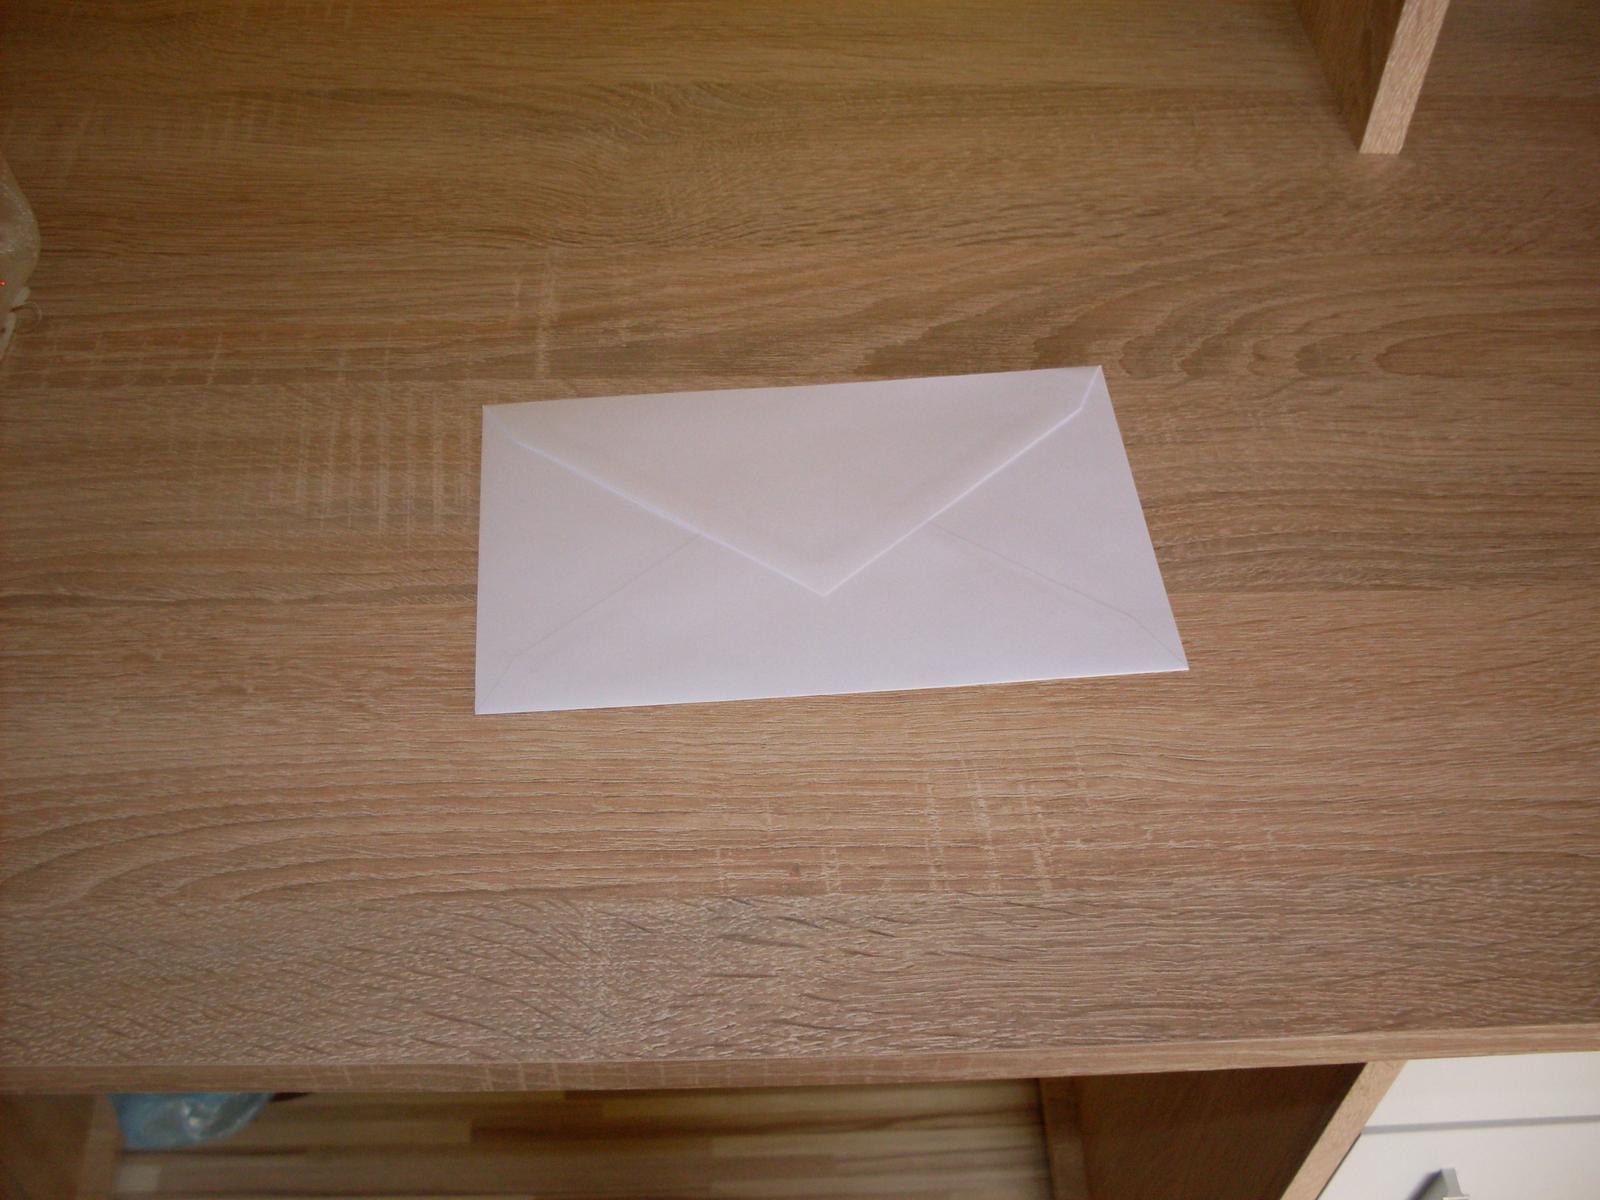 Obálky - Obrázok č. 2